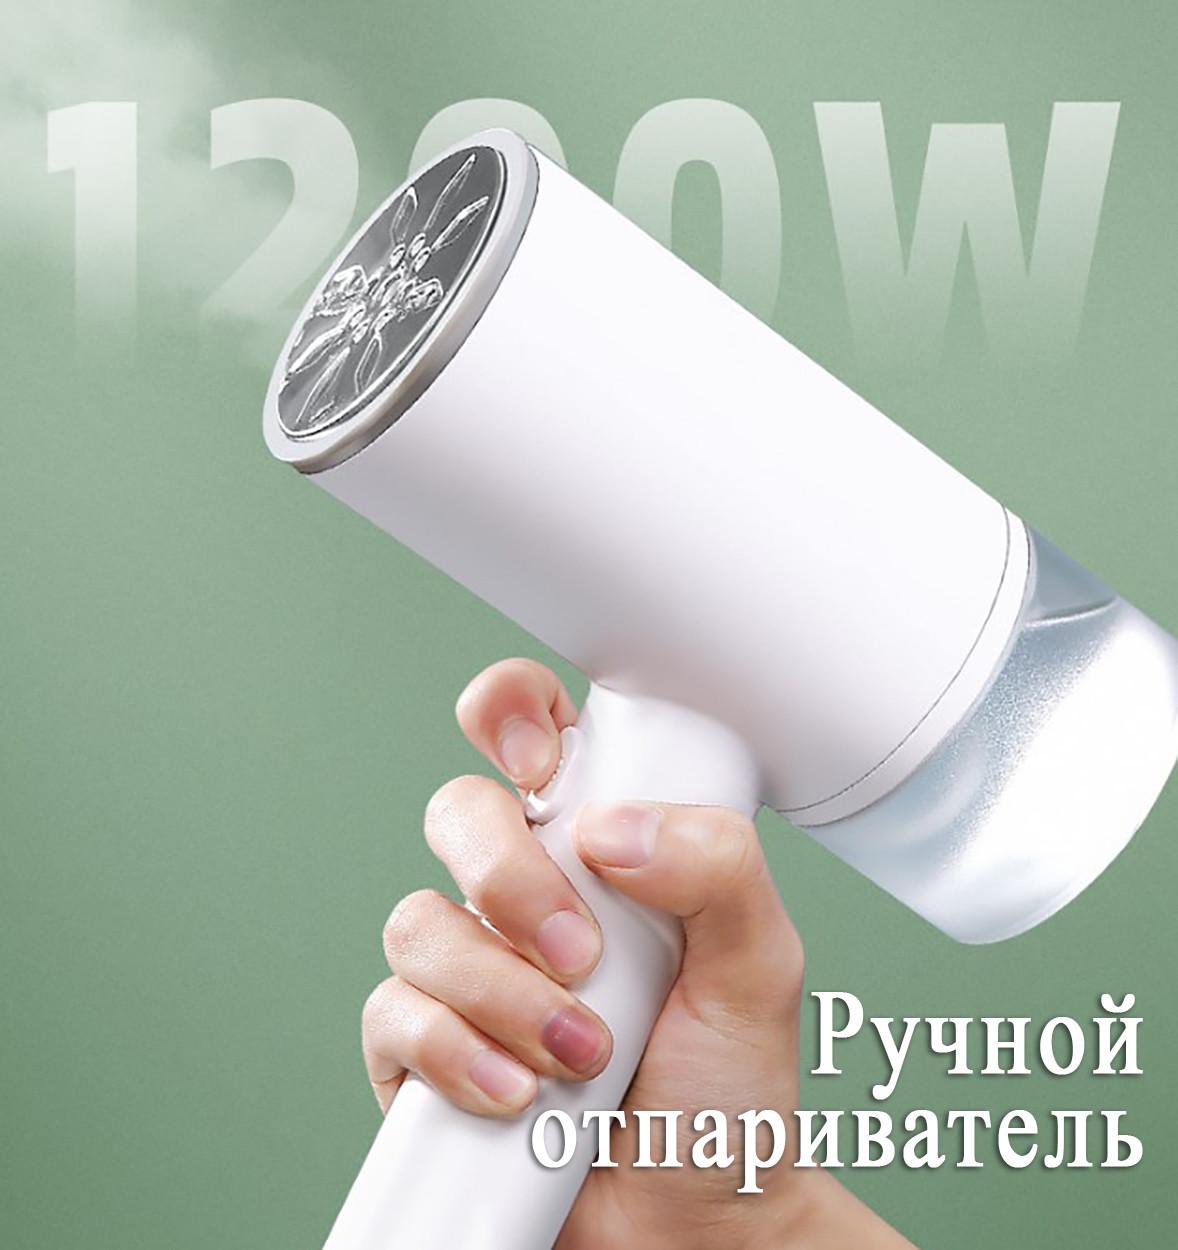 Отпариватель KQ01 ручной, вертикальный. Отпариватель для одежды, паровой утюг 1200 Вт